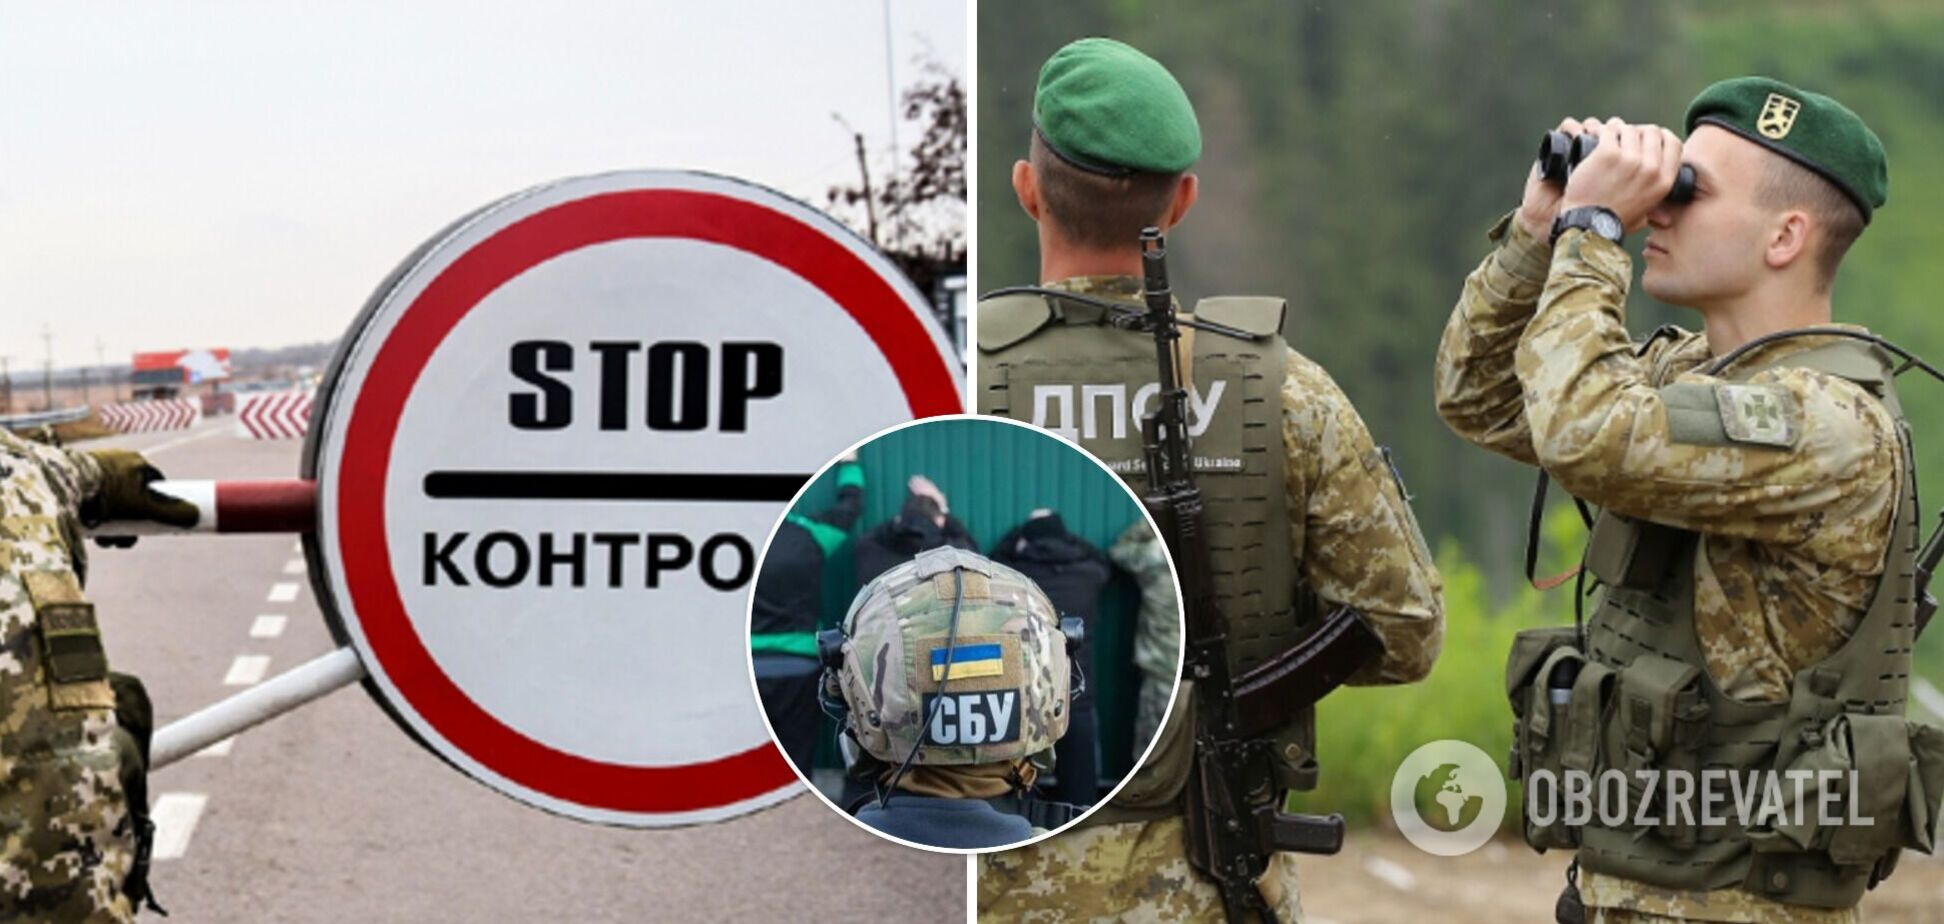 Нападение на пограничников на границе с РФ совершили сотрудники СБУ, их задержали